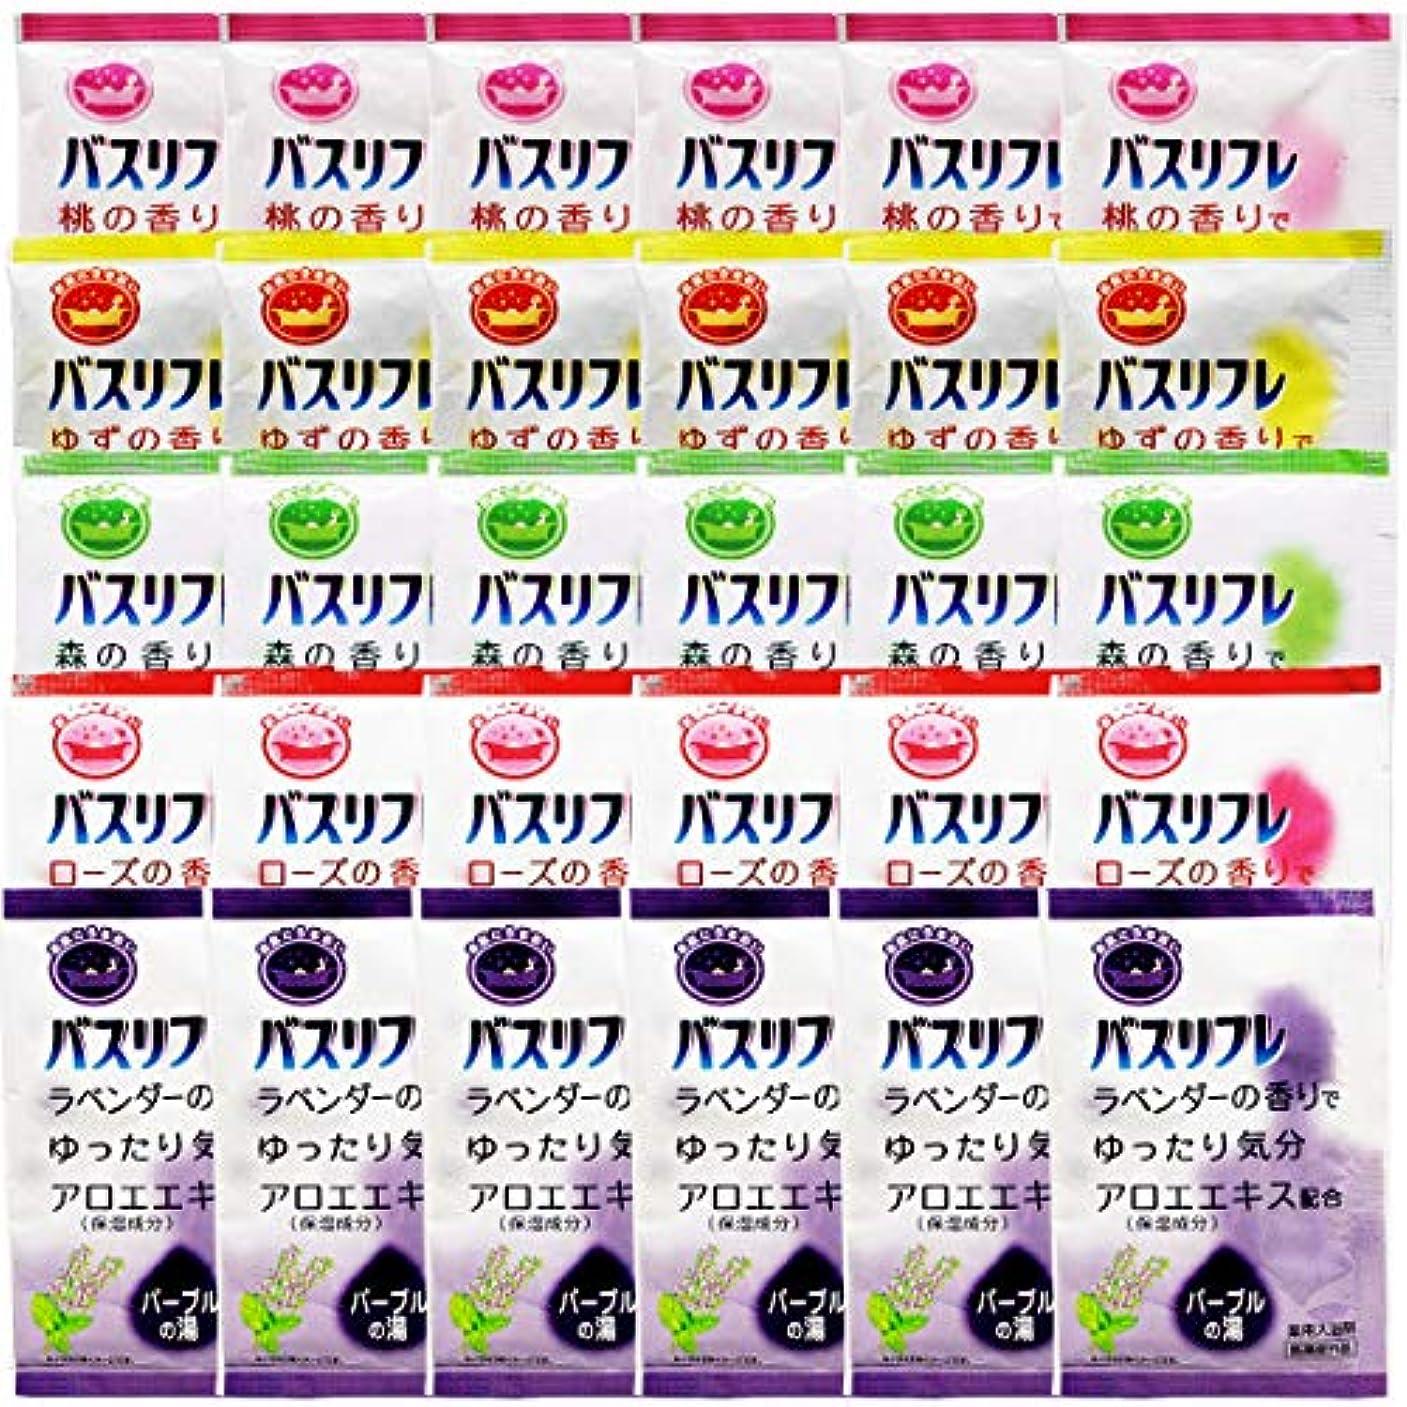 開発勃起明るくする薬用入浴剤 バスリフレ 5種類の香り アソート 30袋セット 入浴剤 詰め合わせ 人気 アロマ 福袋 医薬部外品